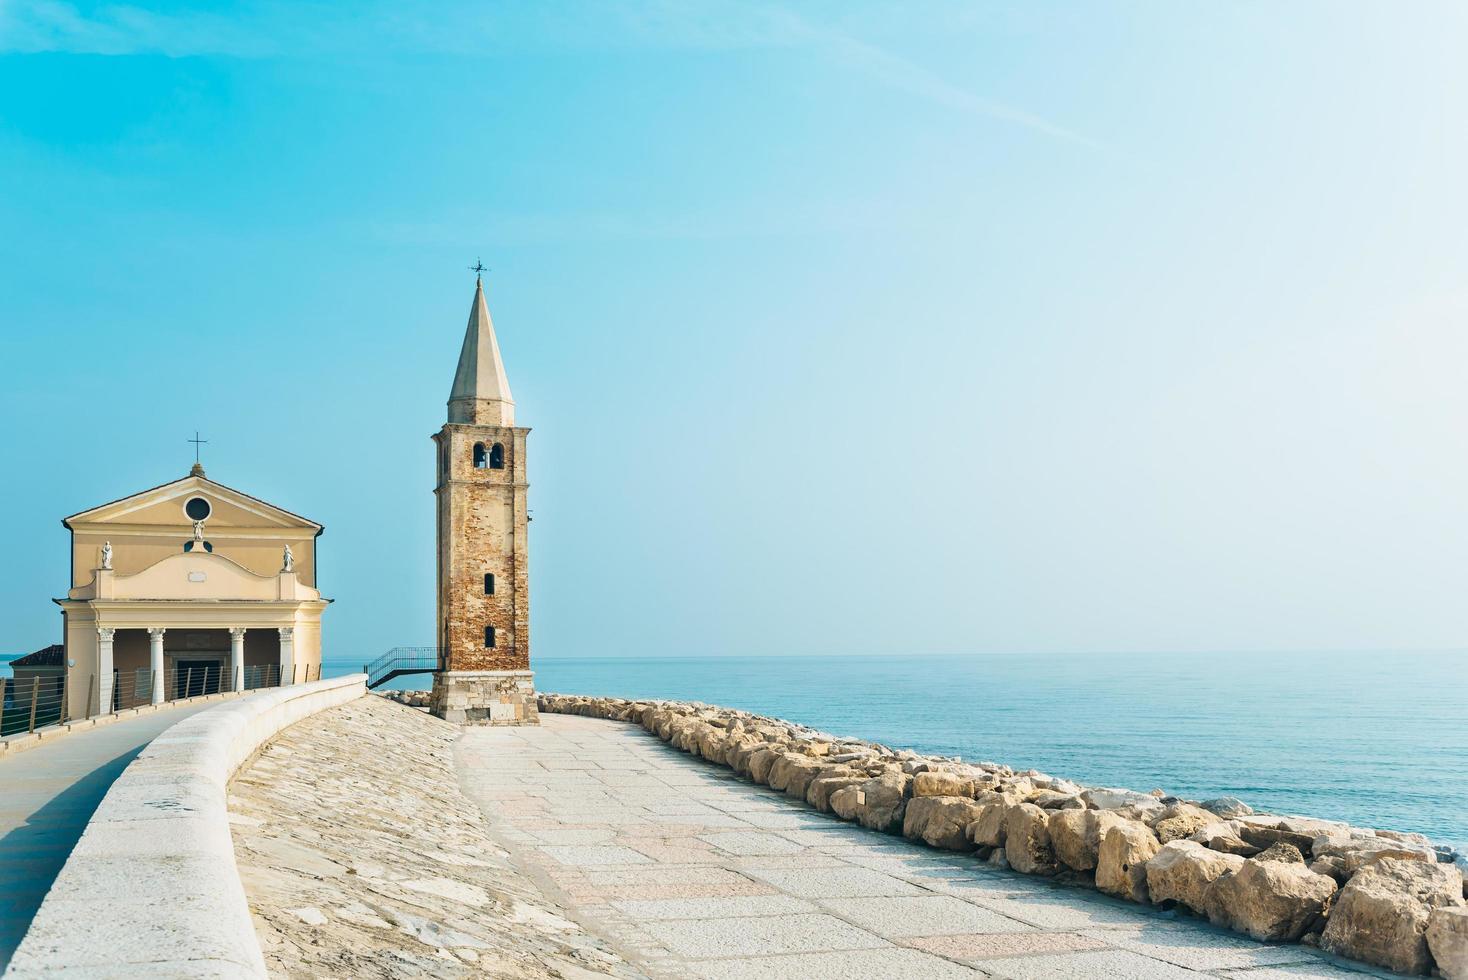 Iglesia de Nuestra Señora del Ángel en la playa de Caorle Italia foto